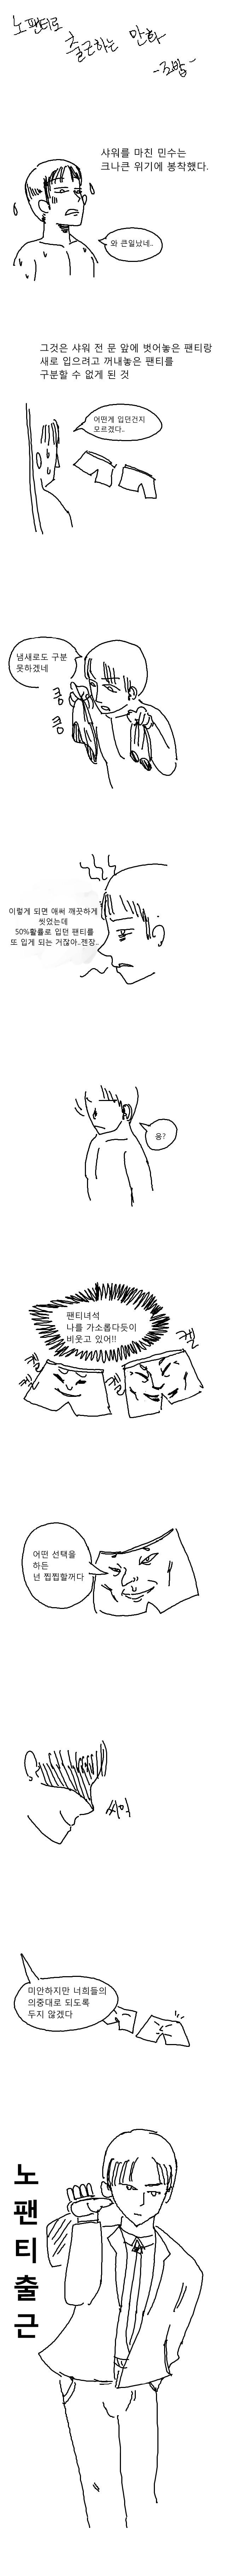 cartoon-20181204-185247-000.jpeg